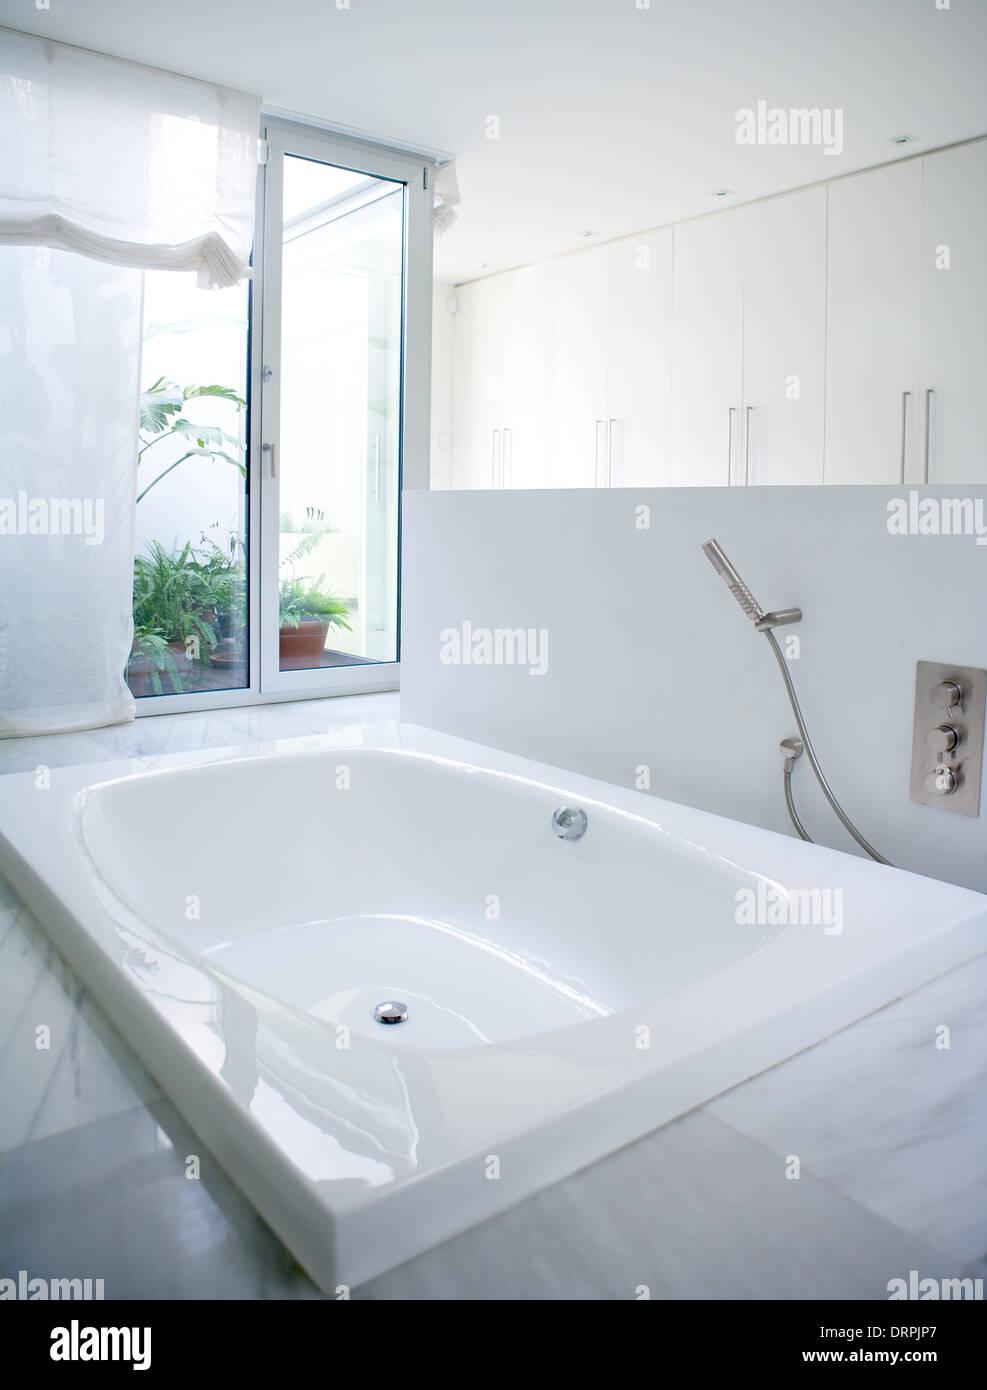 White house bathroom - Modern White House Bathroom Bathtub With Marble Floor And Courtyard Skylight